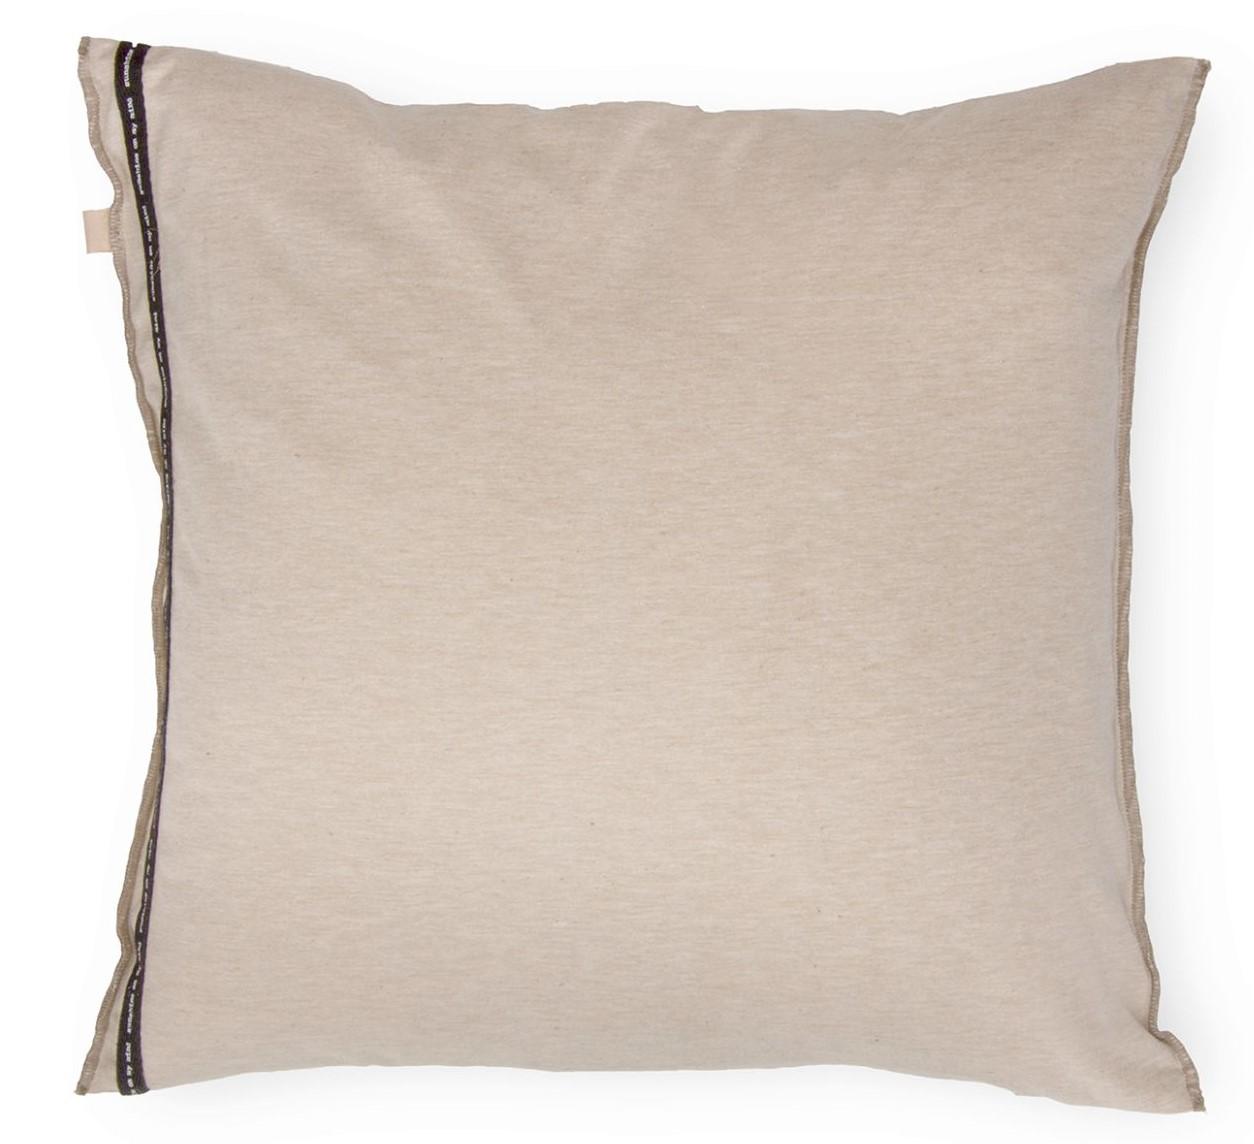 SOFT JERSEY - Sierkussen Walra Soft Jersey 45x45 cm Sand/Taupe